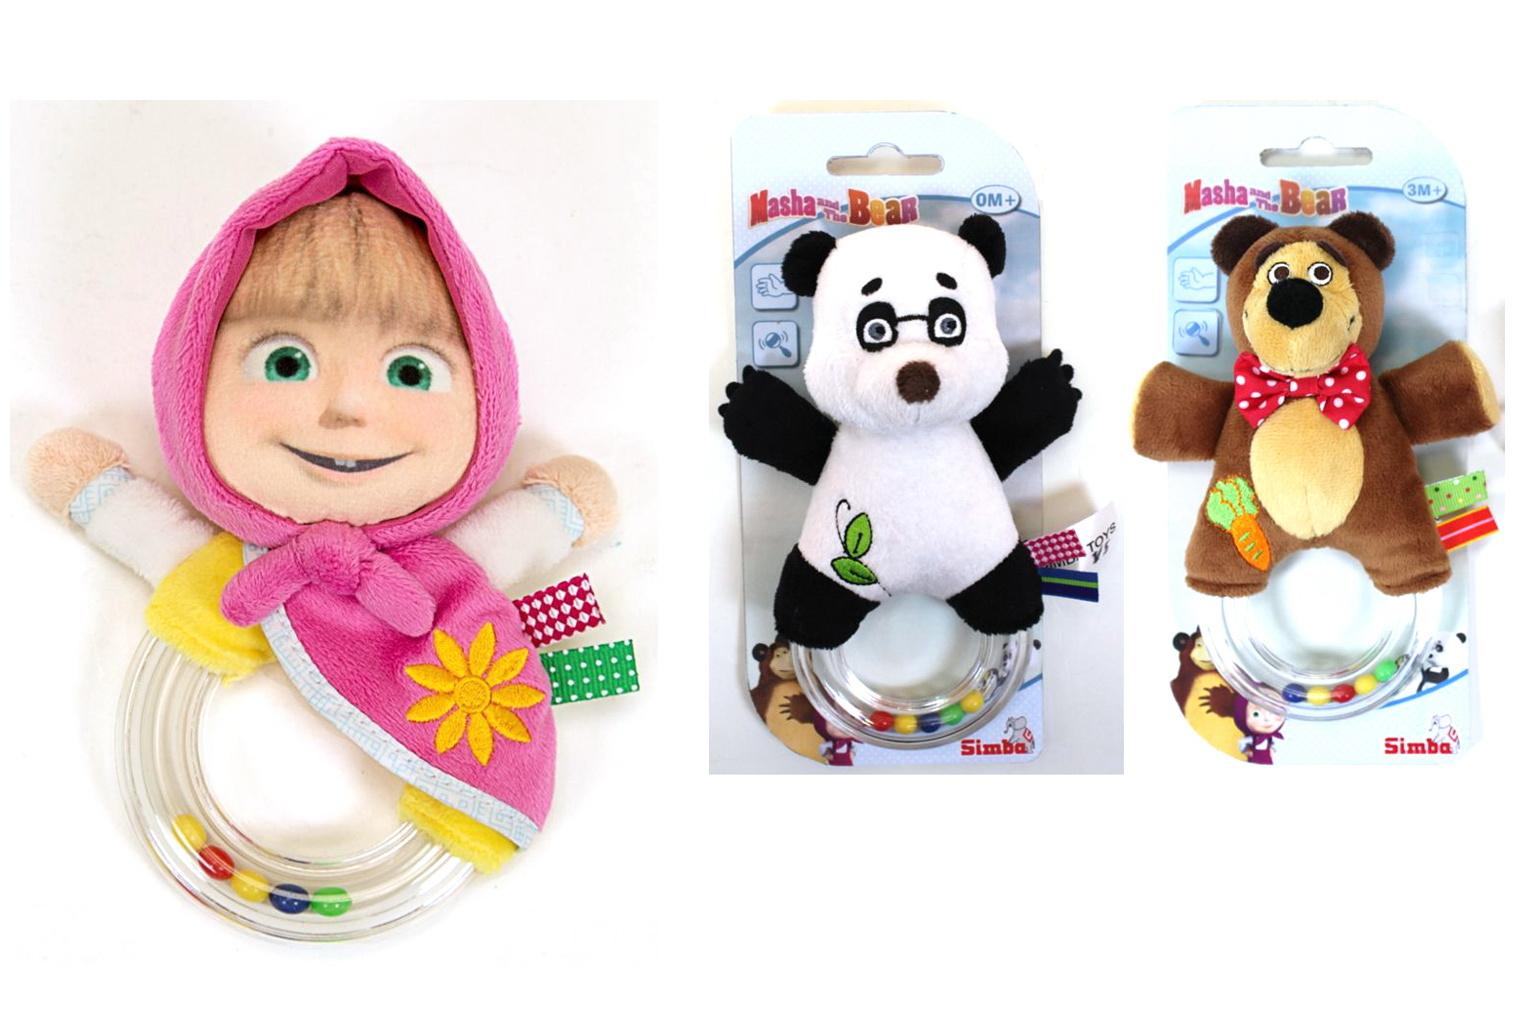 Погремушка «Маша и Медведь», 3 видаДетские погремушки и подвесные игрушки на кроватку<br>Погремушка «Маша и Медведь», 3 вида<br>